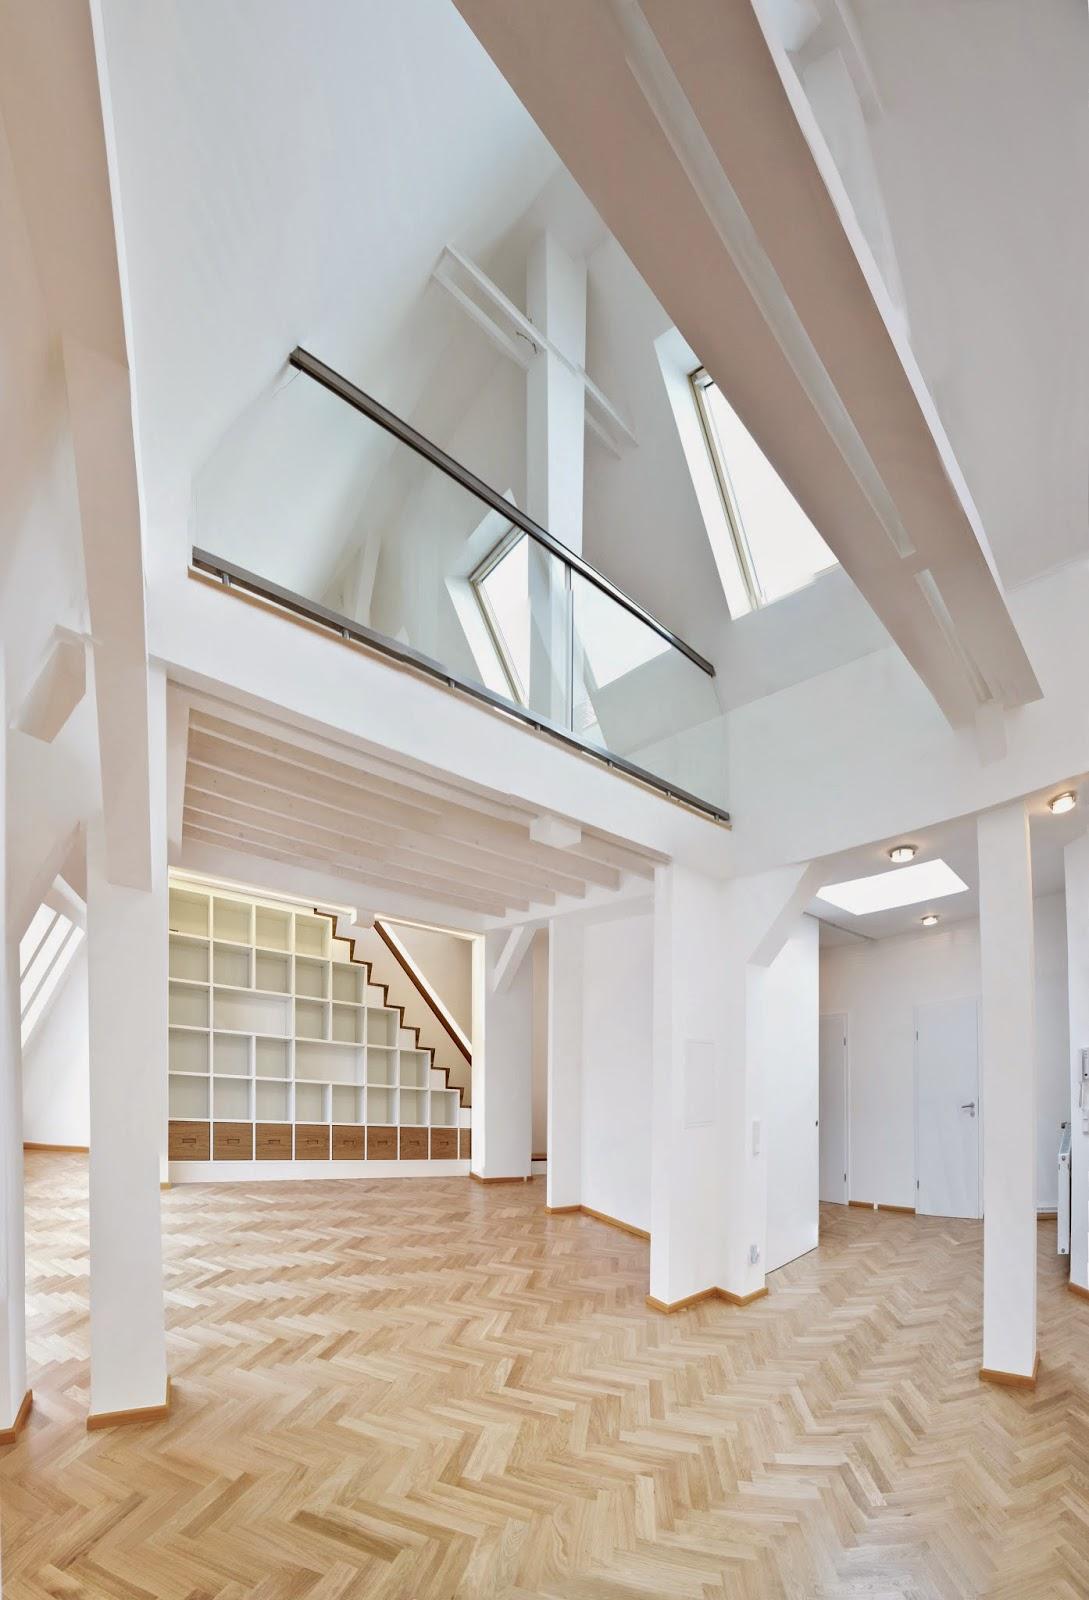 Innenausbau Berlin klaus lehnert architekten berlin innenausbau auswahl